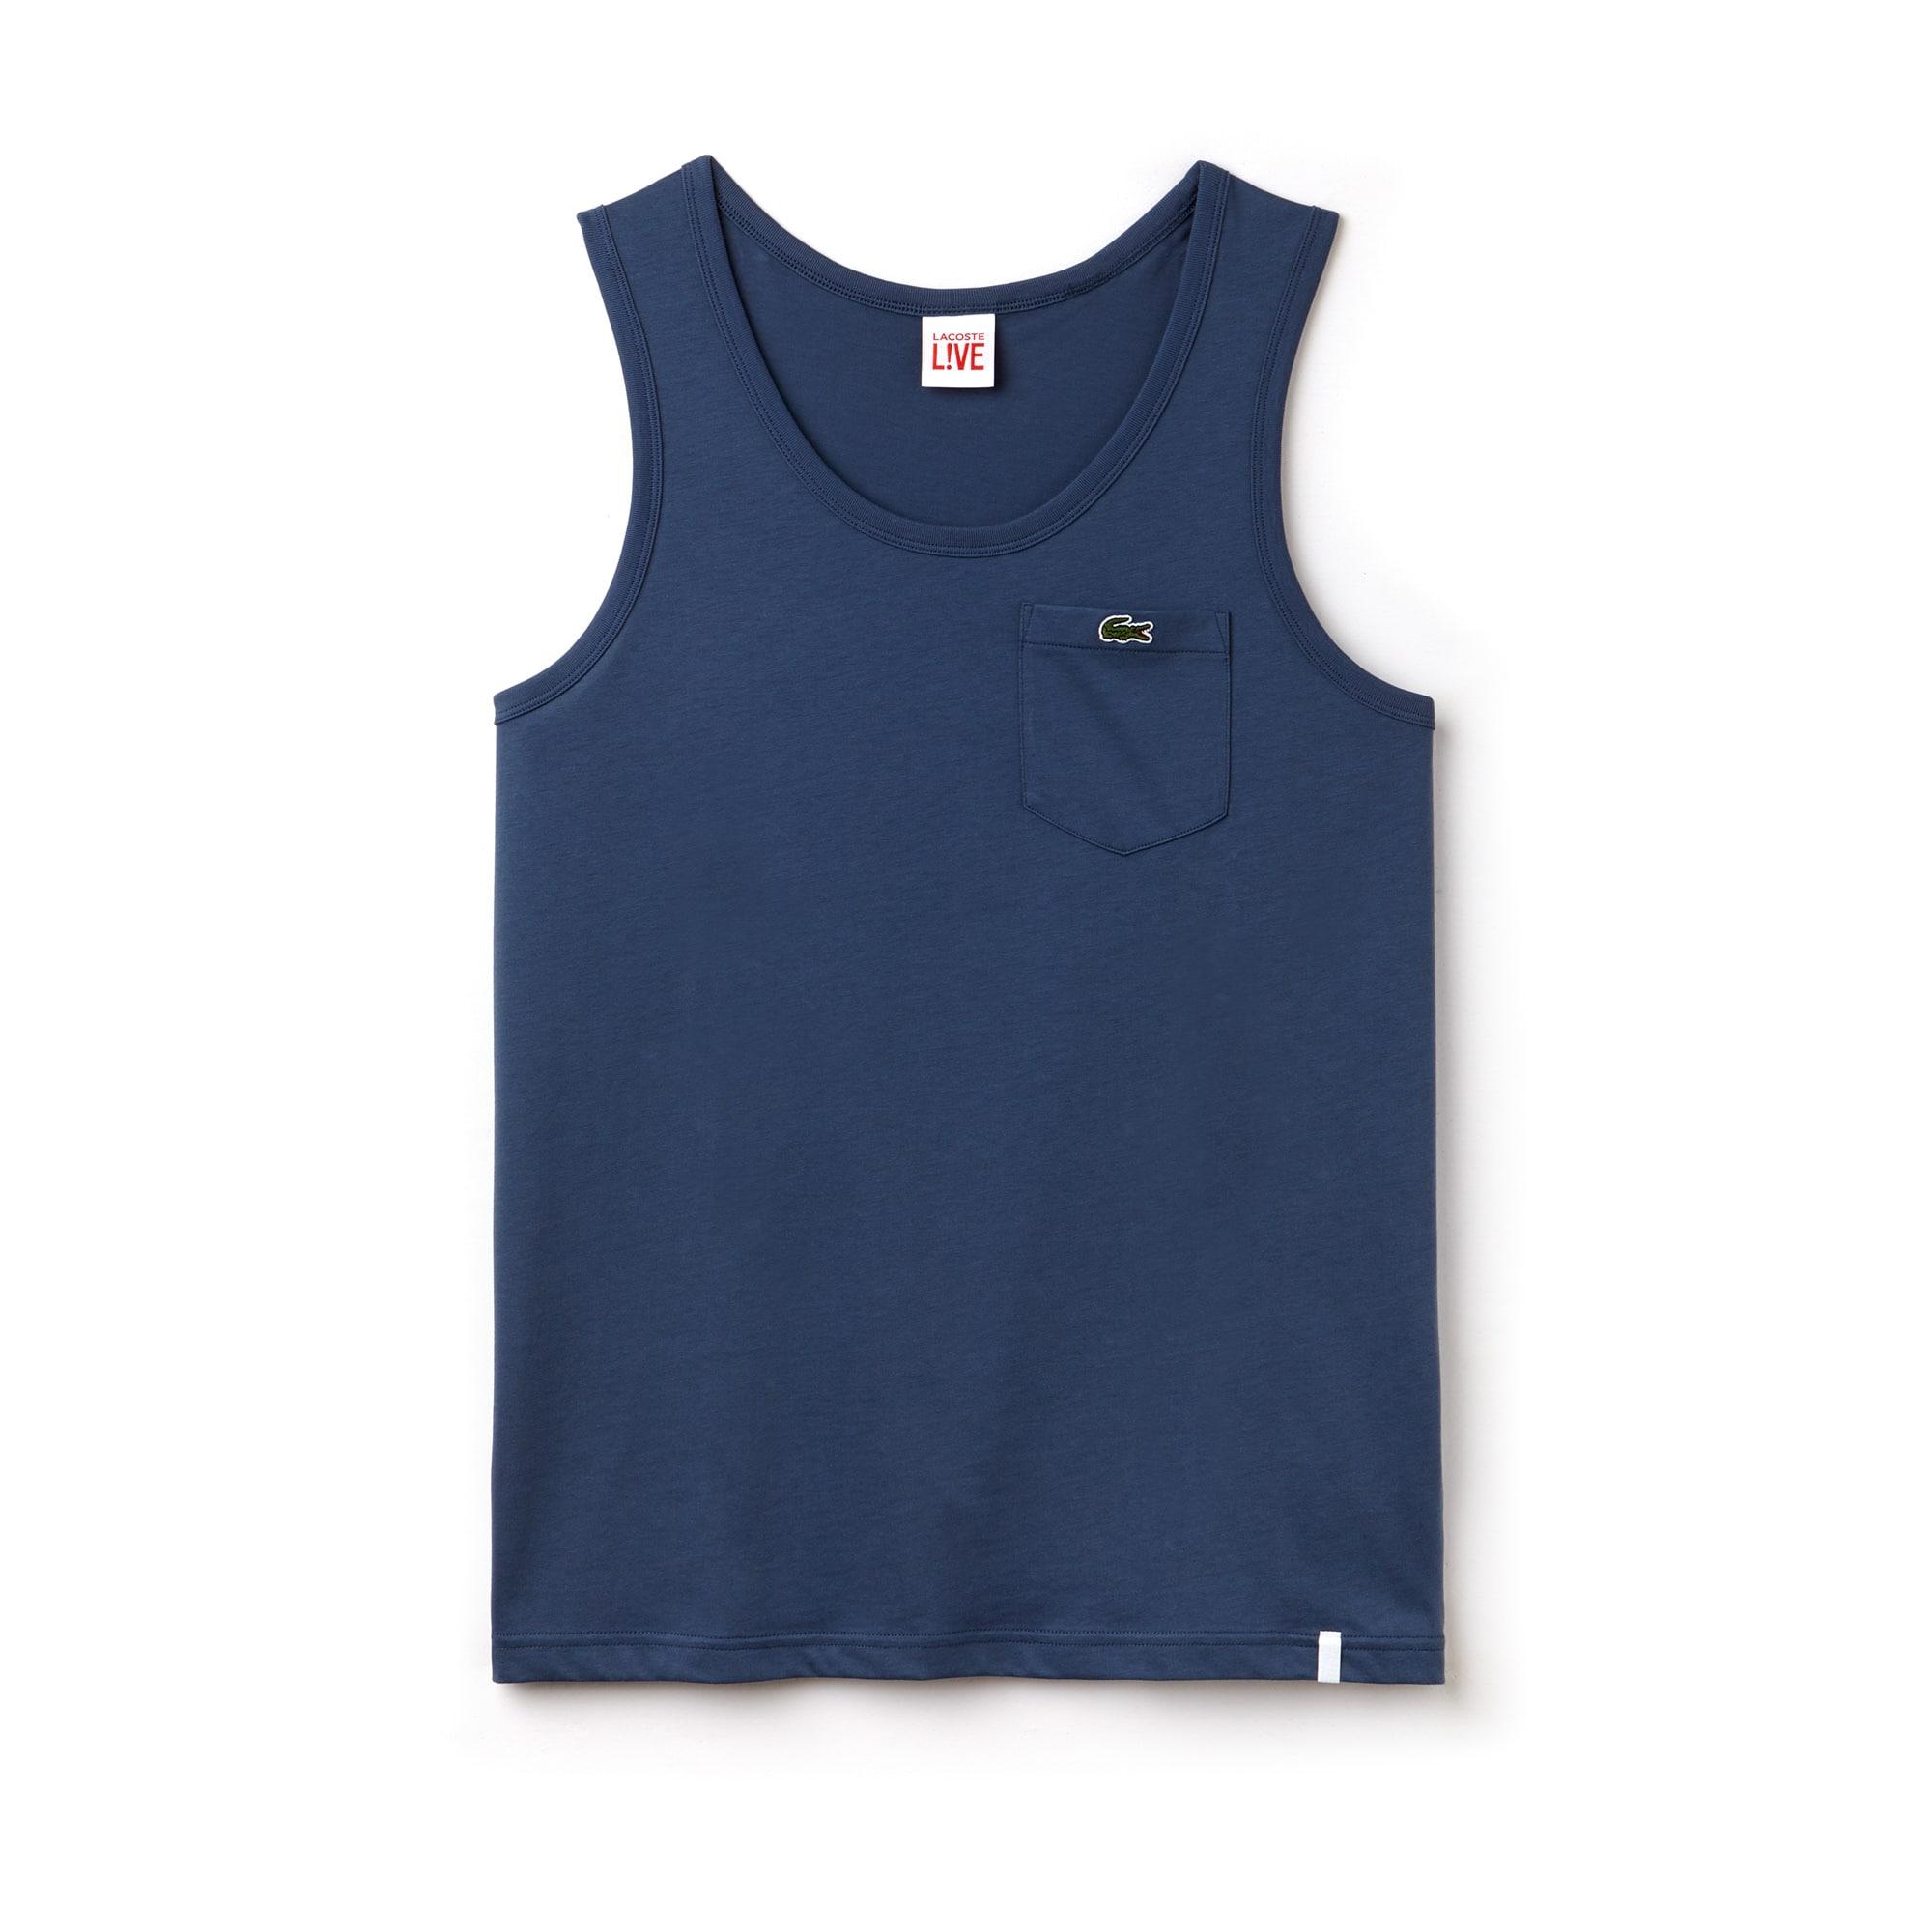 Canotta Lacoste LIVE in jersey di cotone tinta unita con taschino